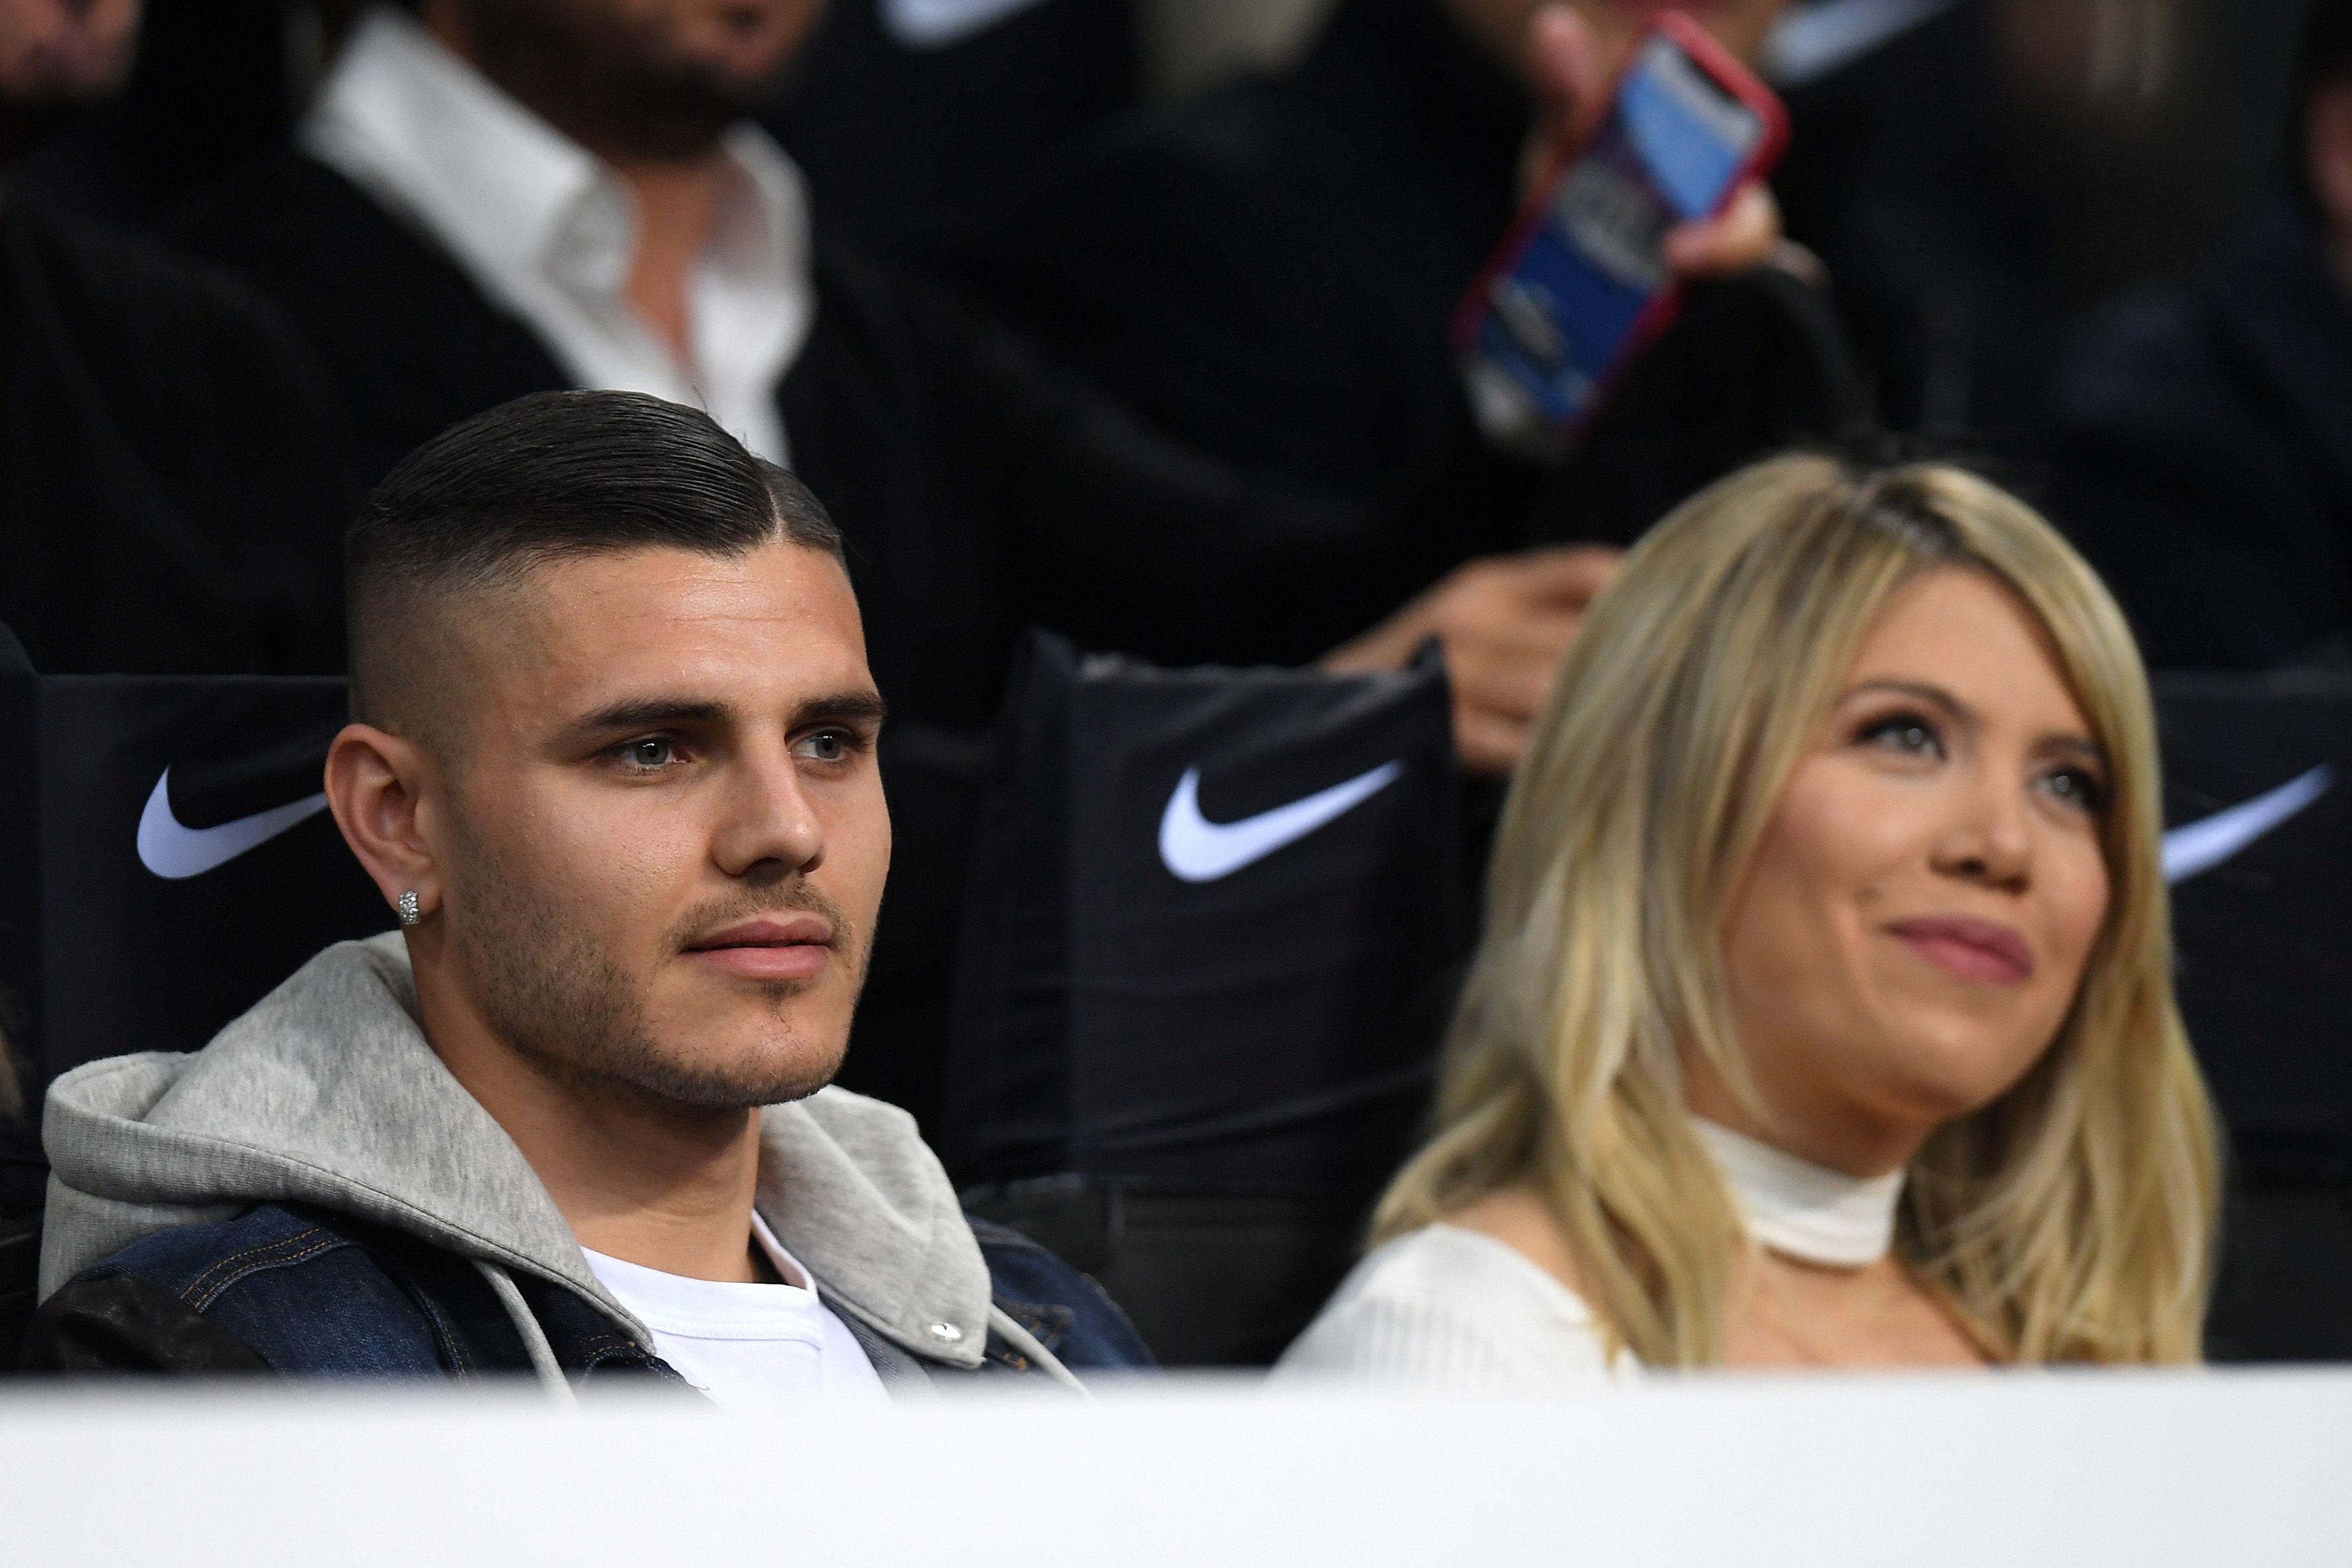 Wanda Nara y Mauro Icardi en la platea del Giuseppe Meazza cuando el delantero pertenecía al Inter. Foto: REUTERS/Daniele Mascolo